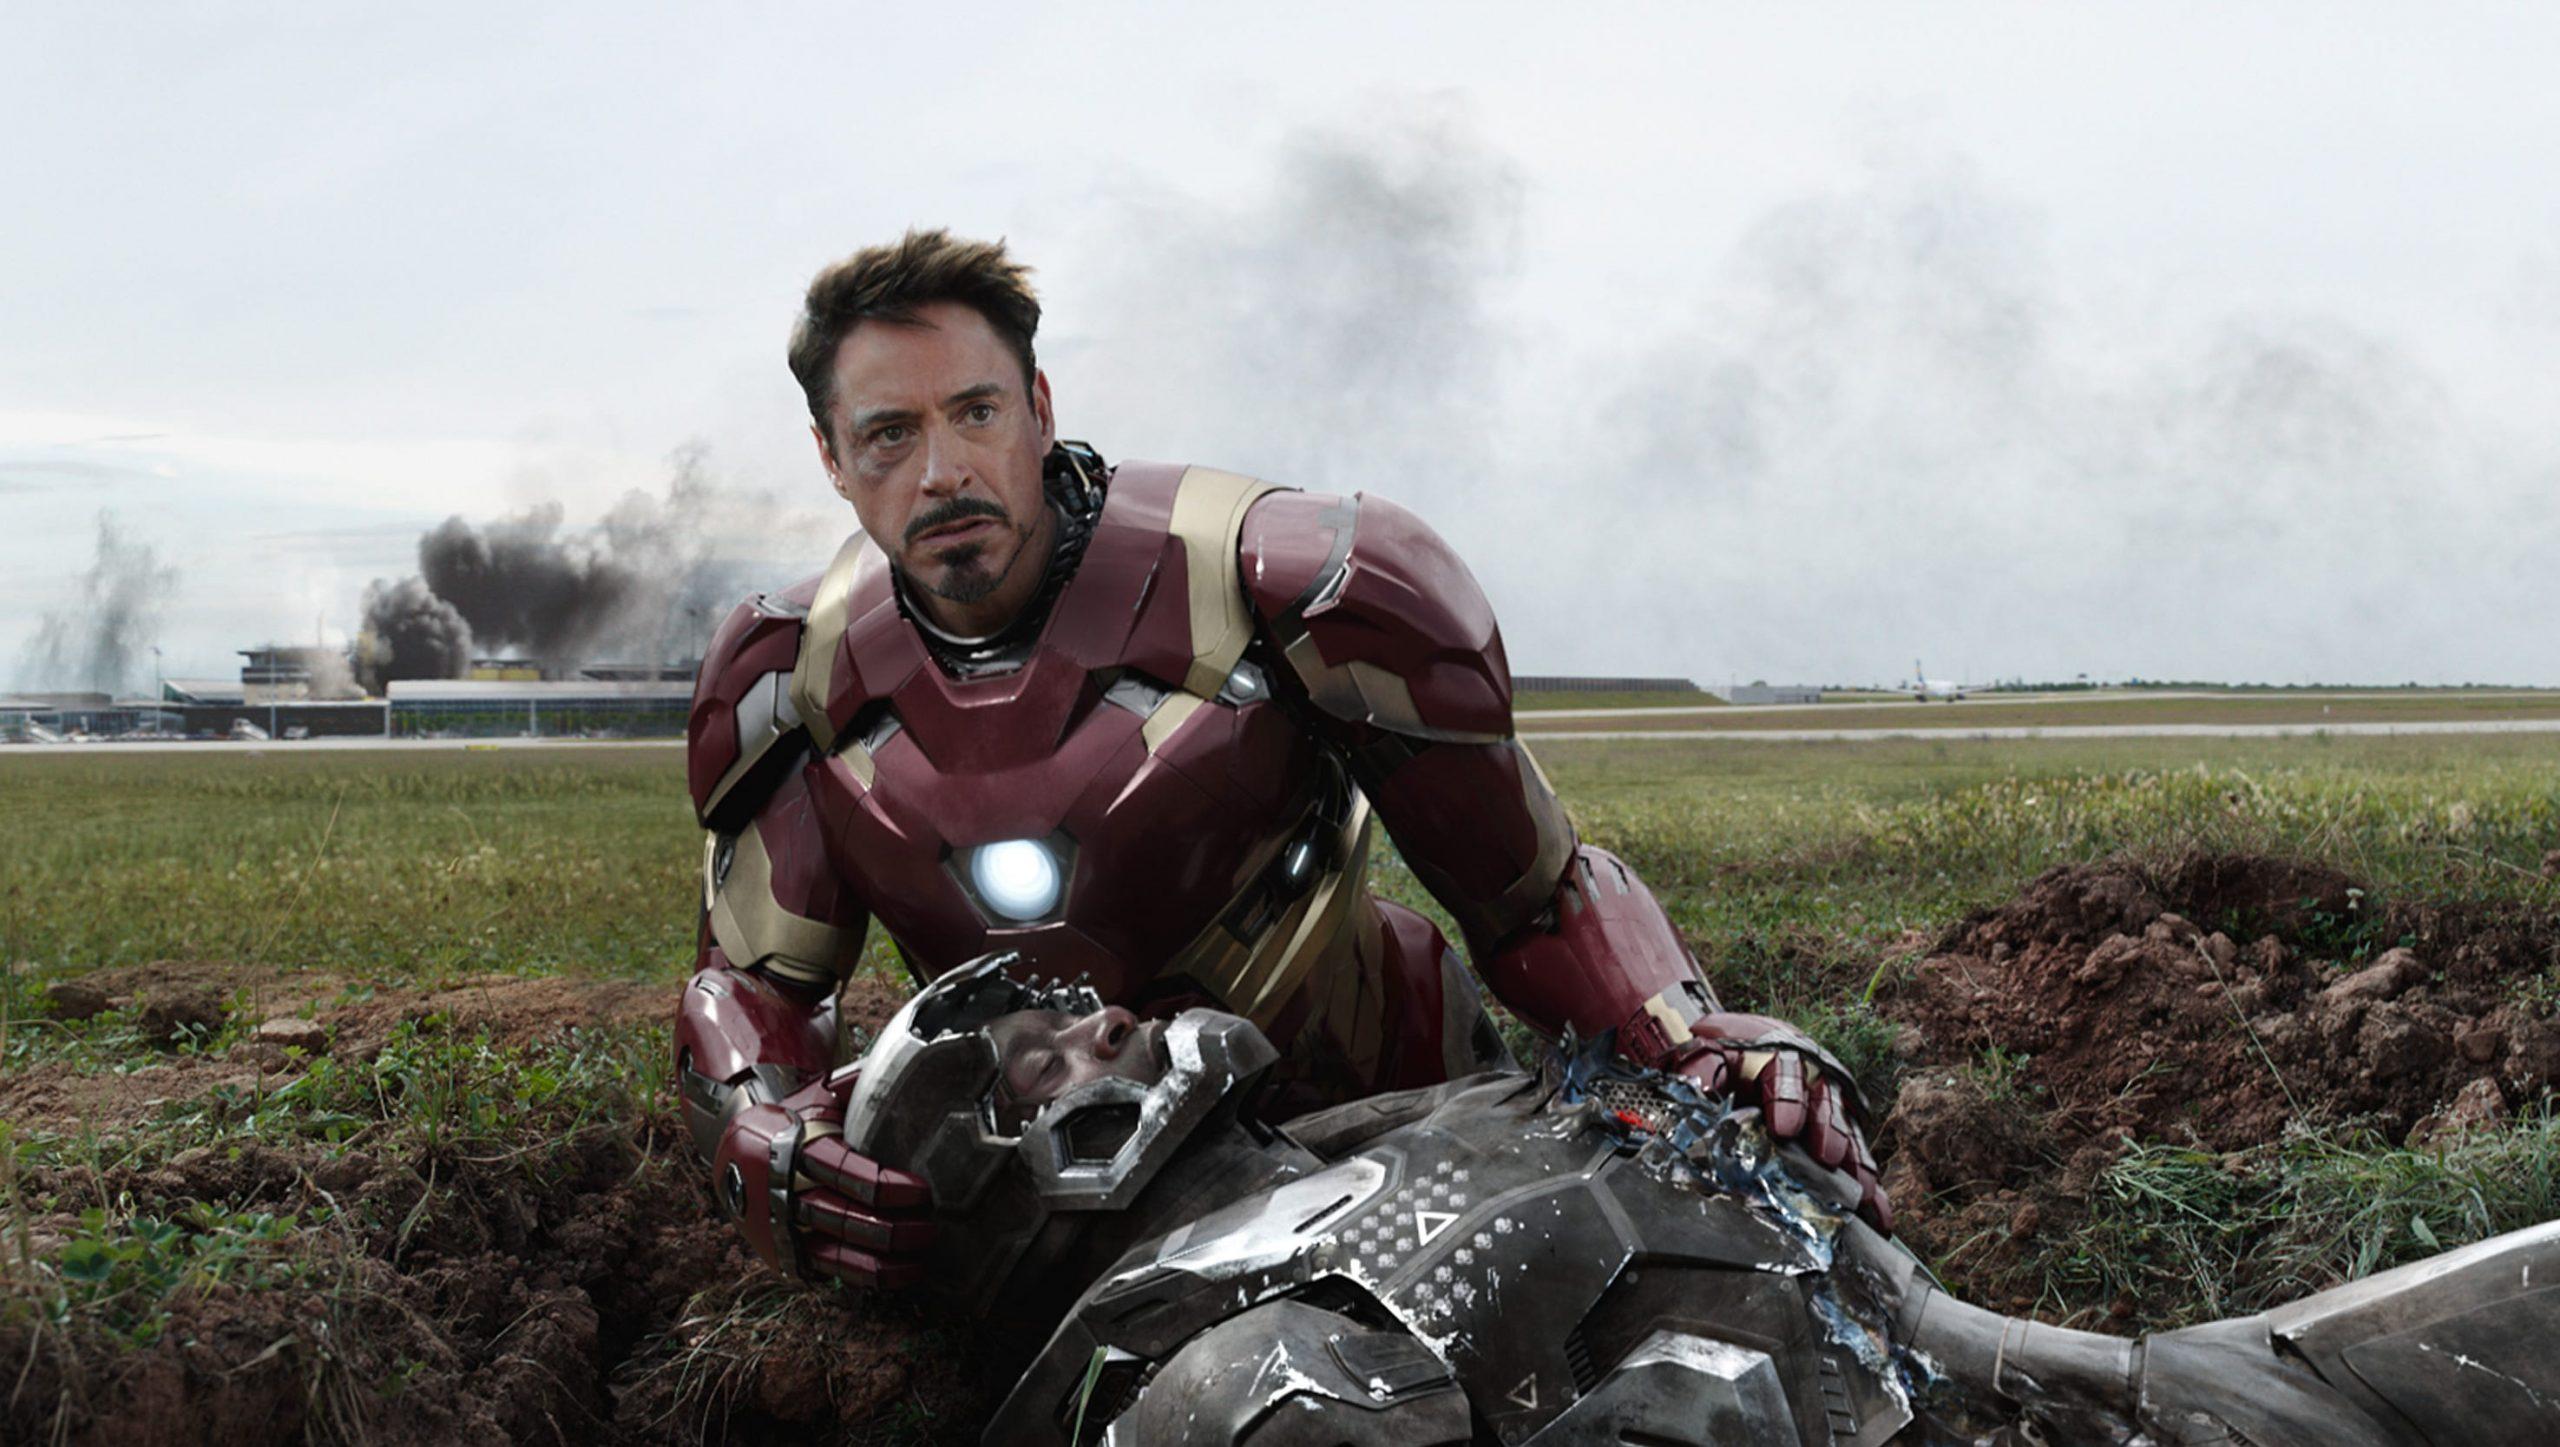 Robert Downey Jr's Iron Man in Captain American: Civil War.